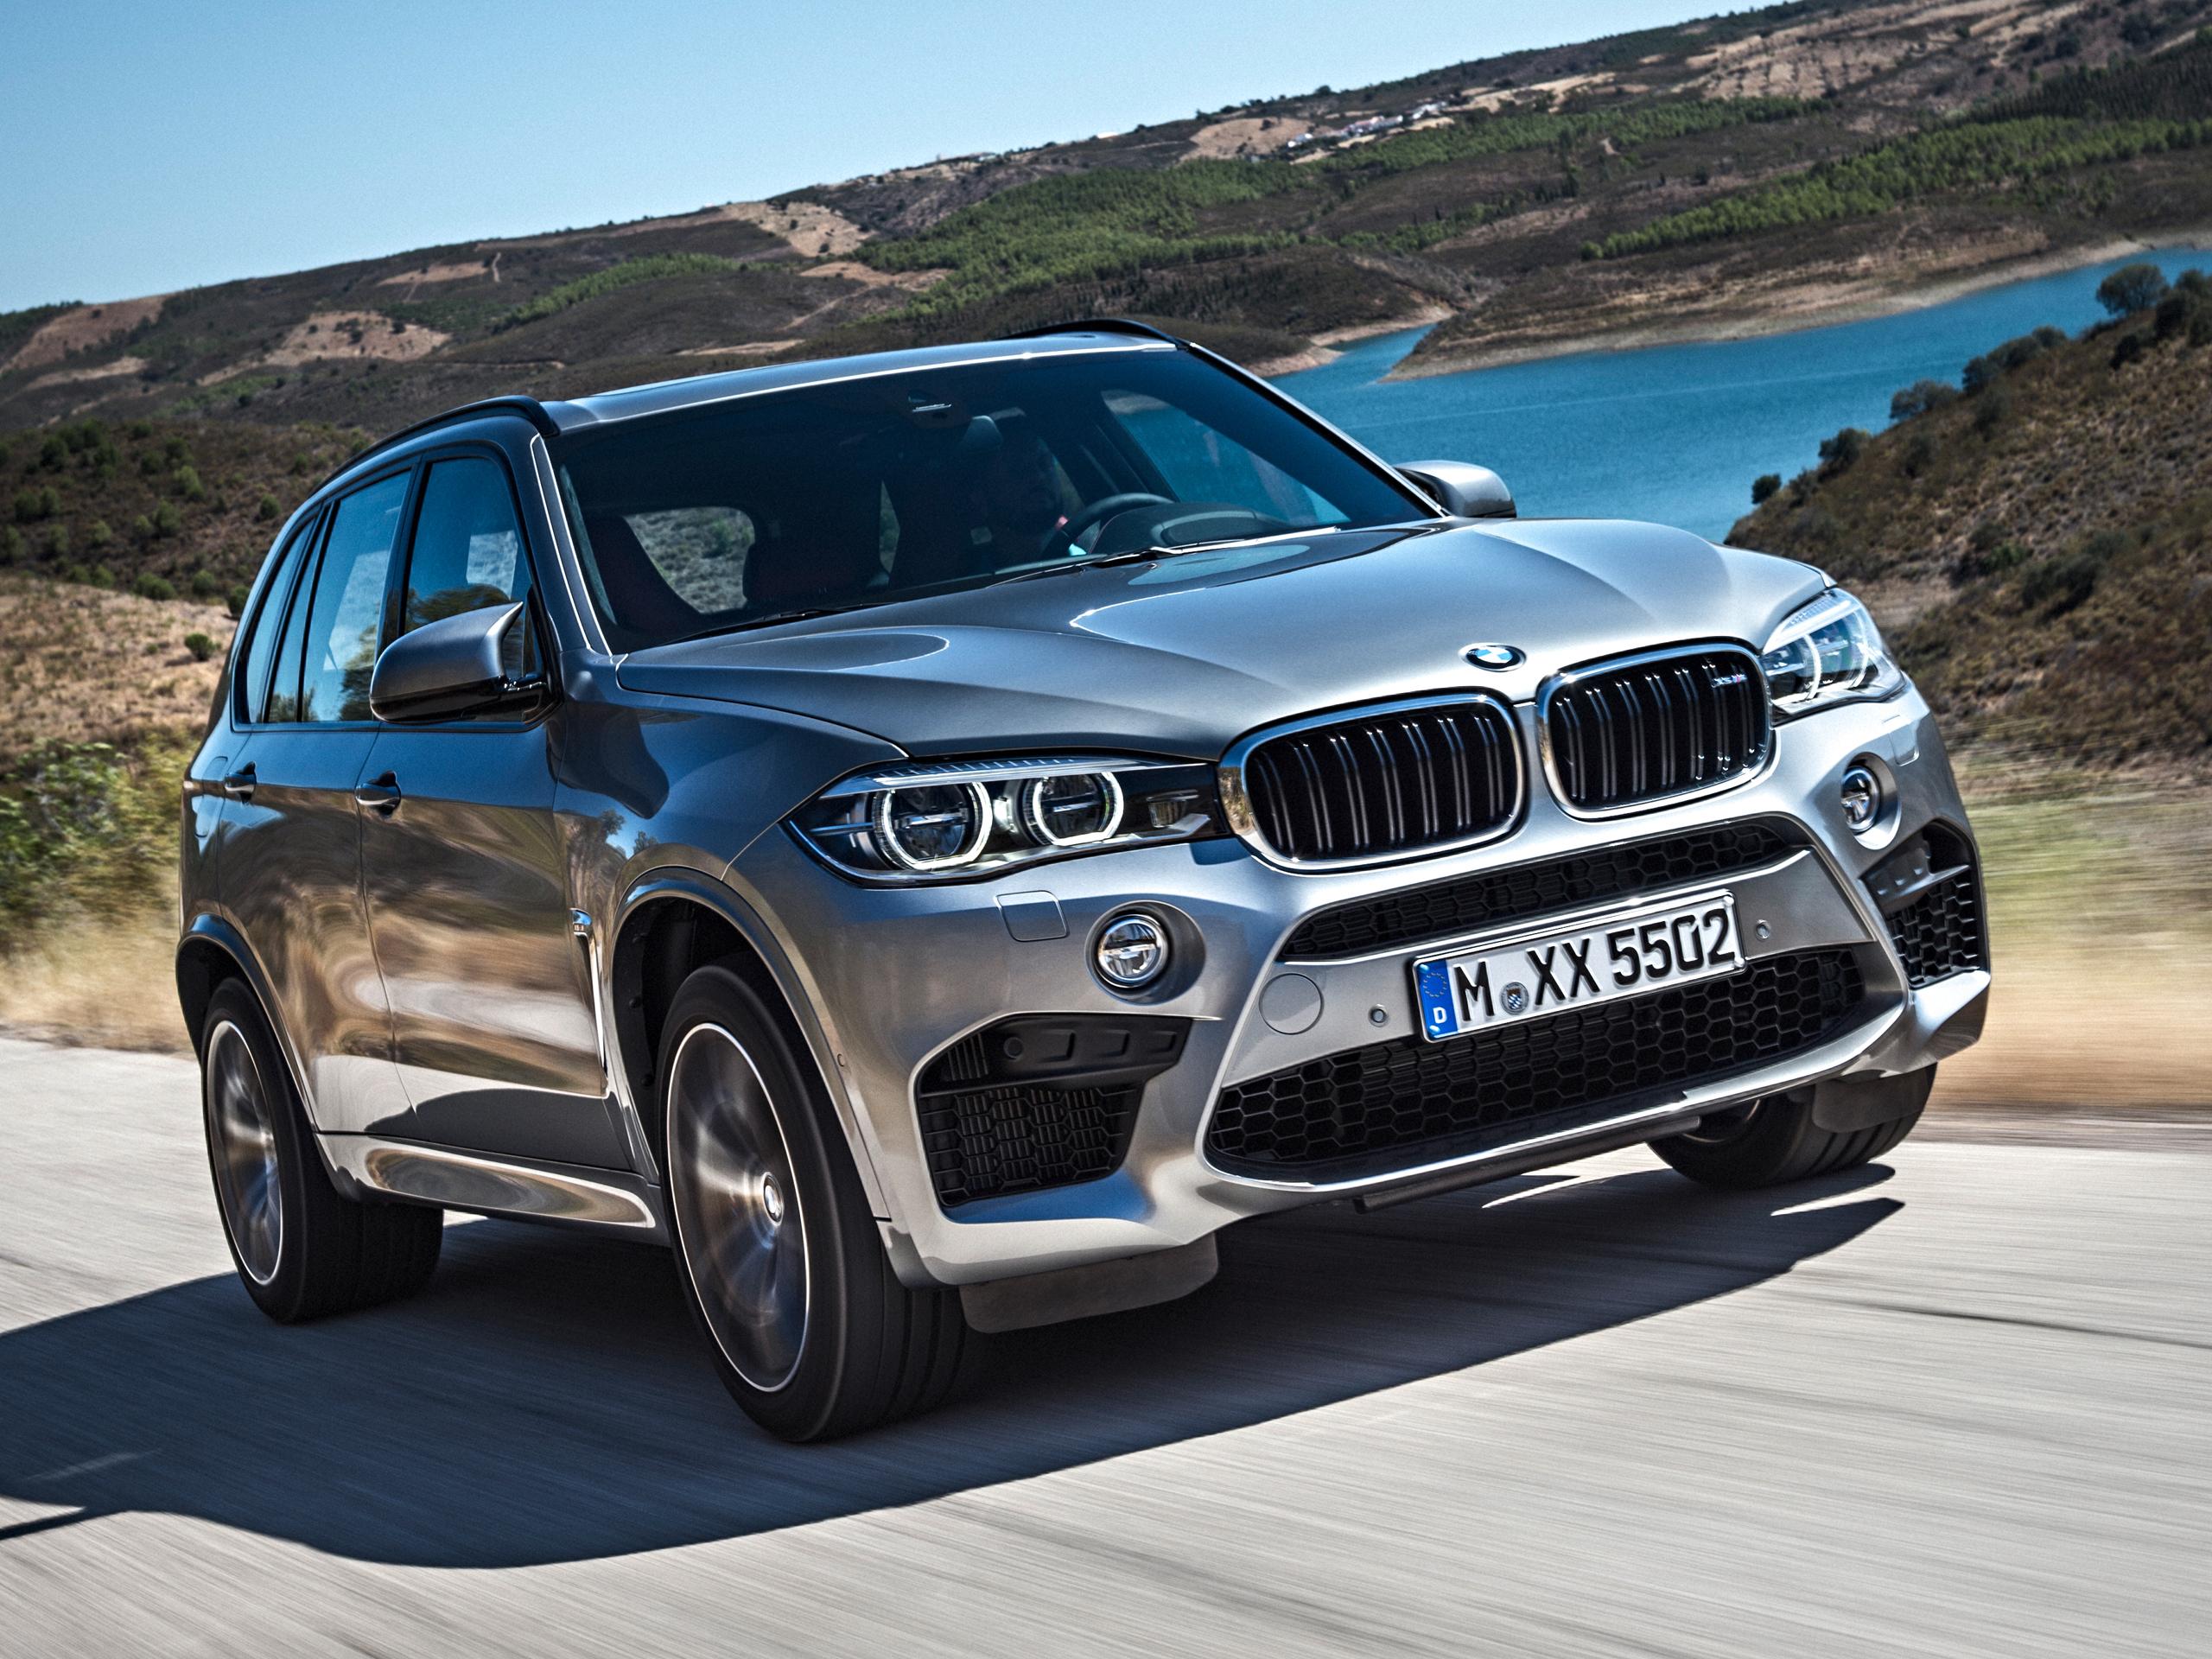 BMW X5 M 2015 Preis und Motor